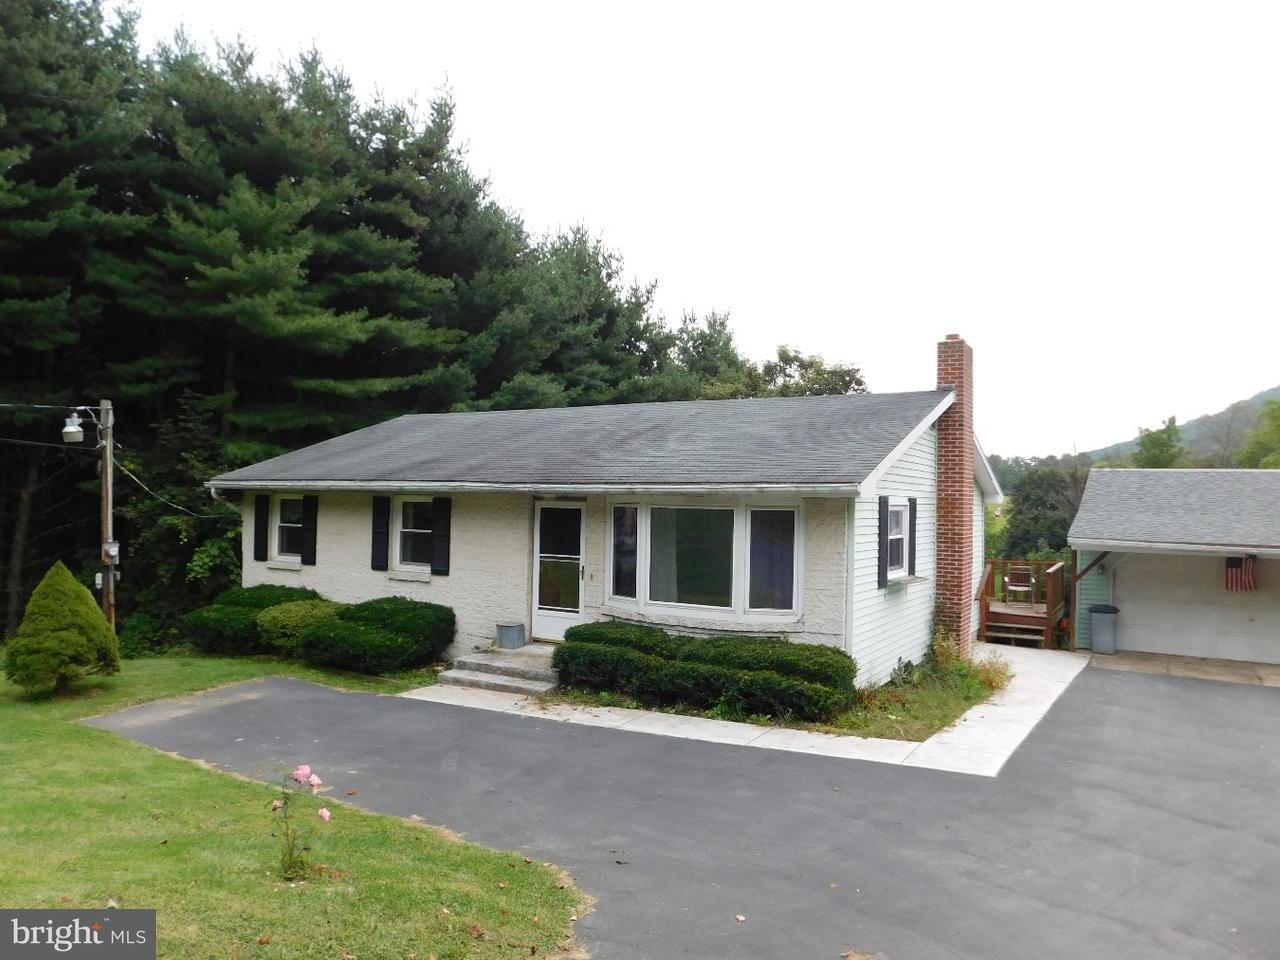 独户住宅 为 销售 在 24 LOWER Road Tamaqua, 宾夕法尼亚州 18252 美国